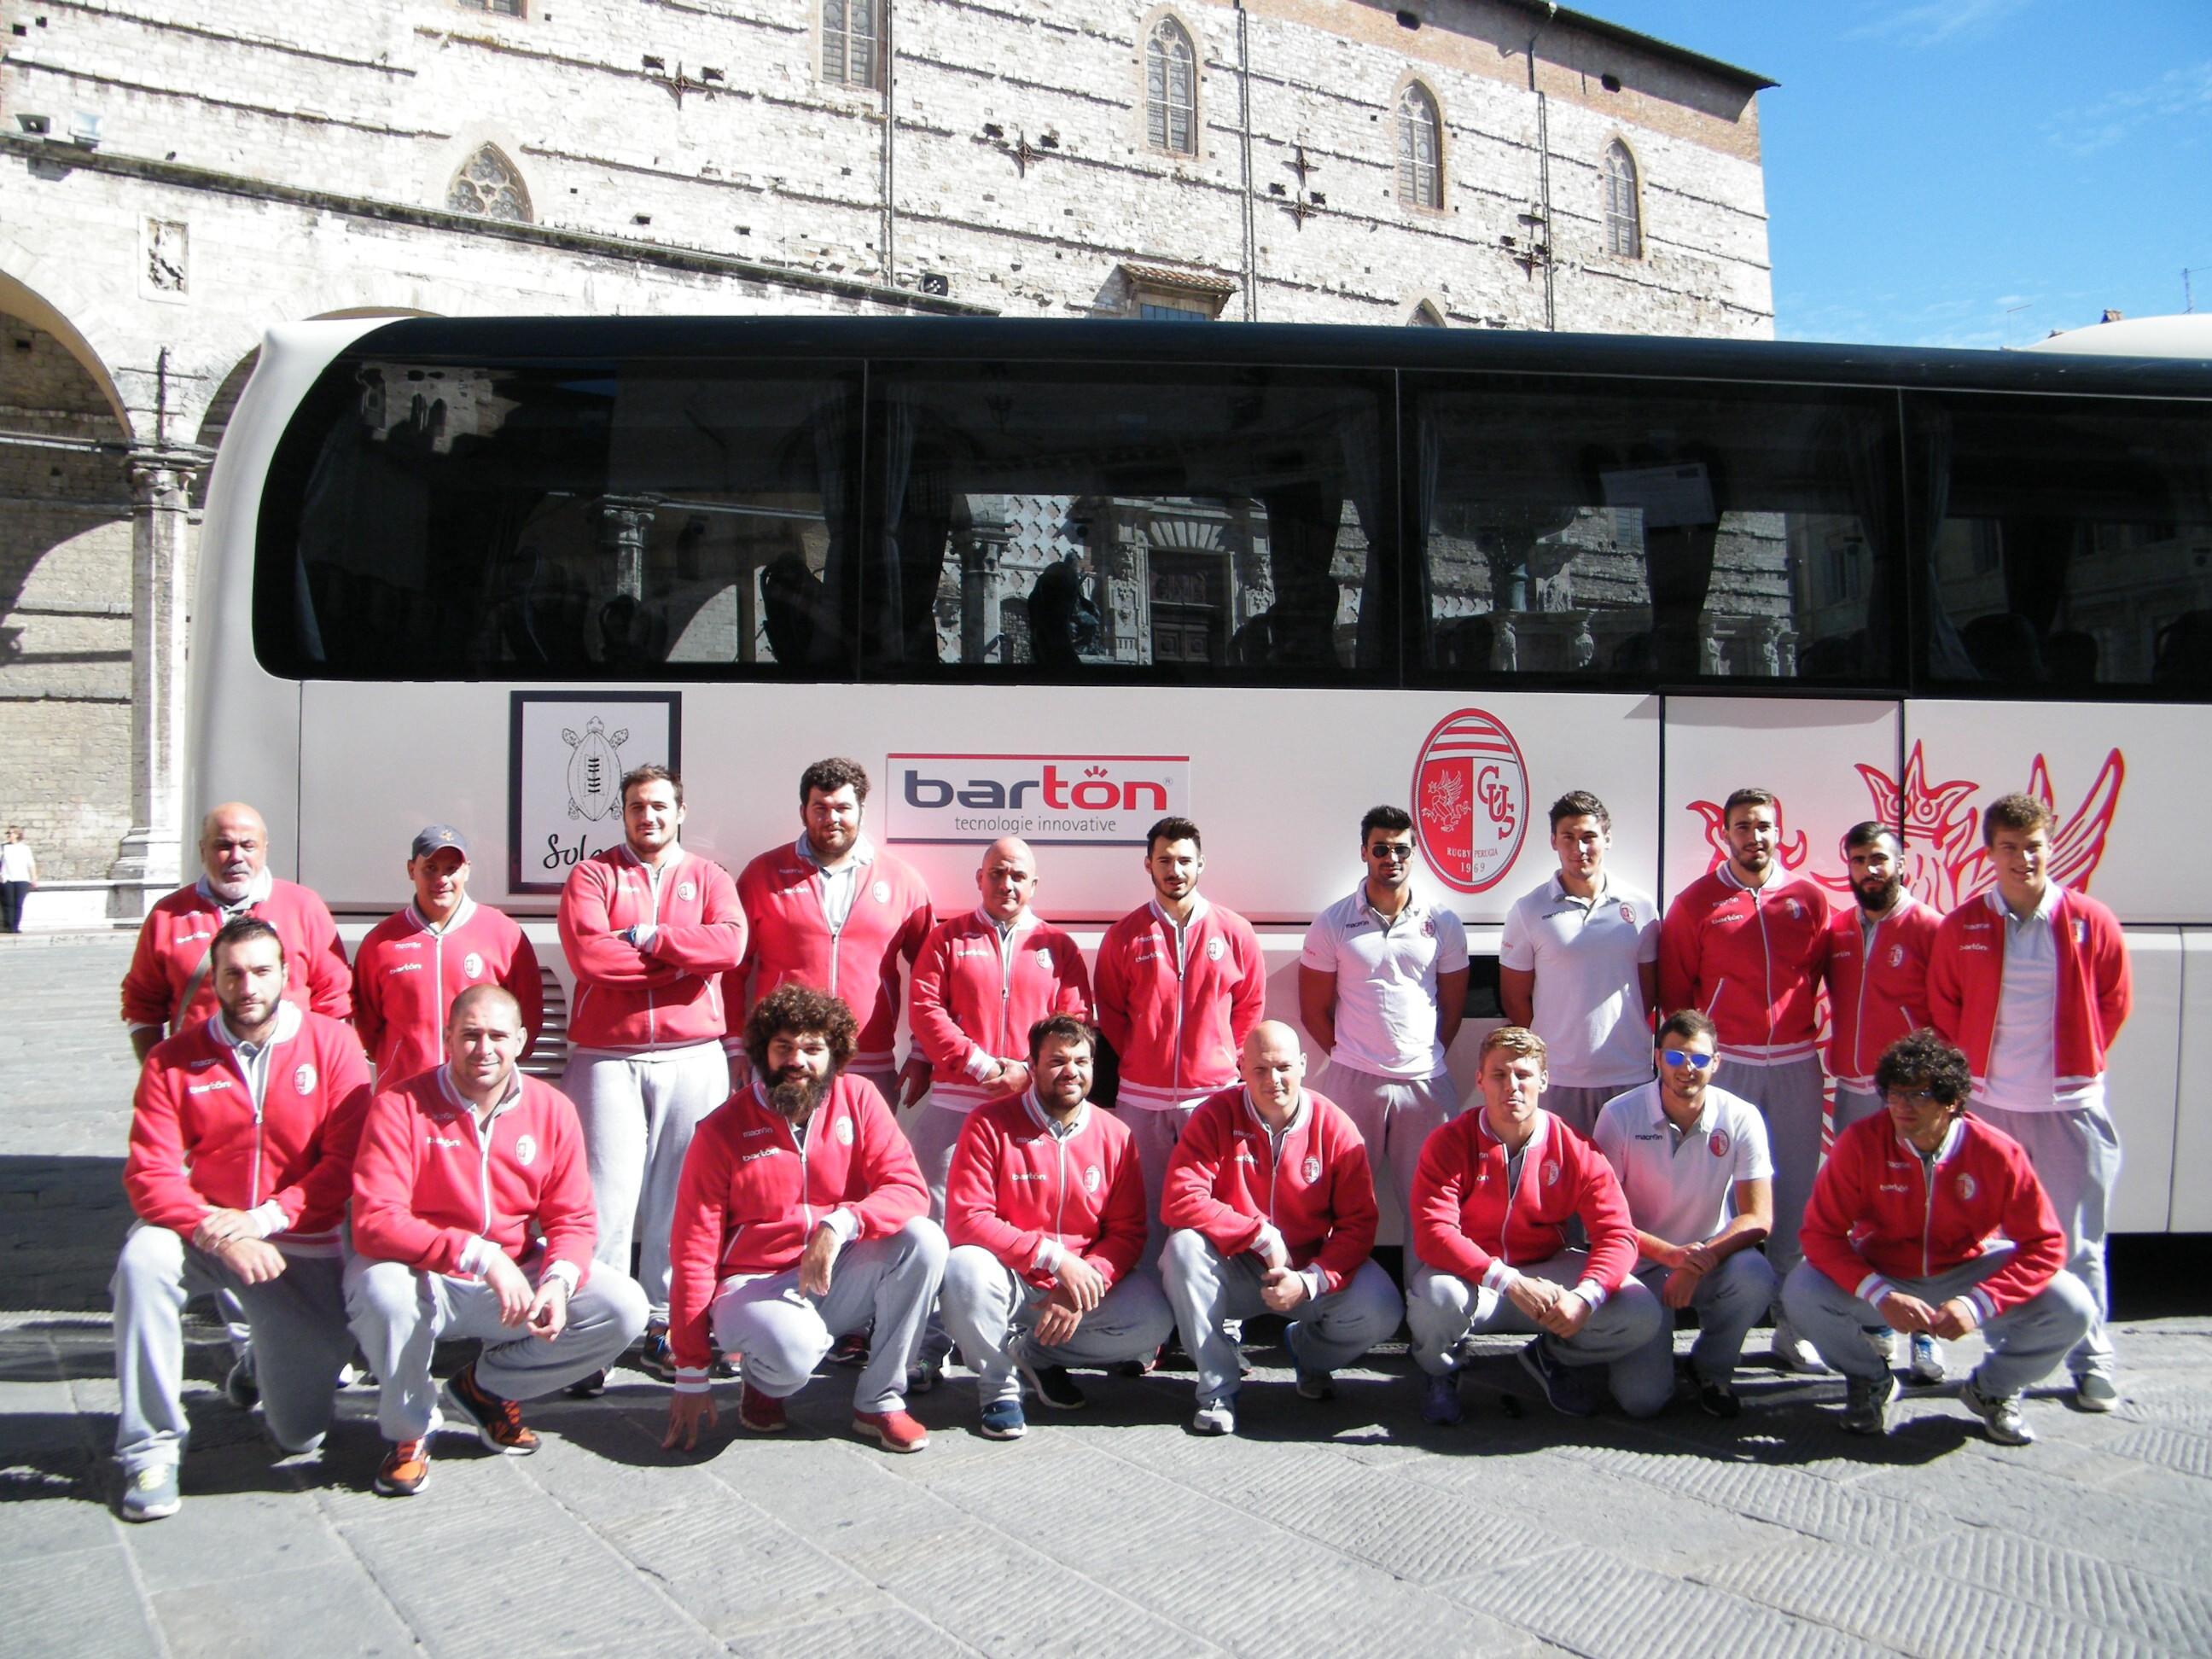 Barton Cus Perugia bus